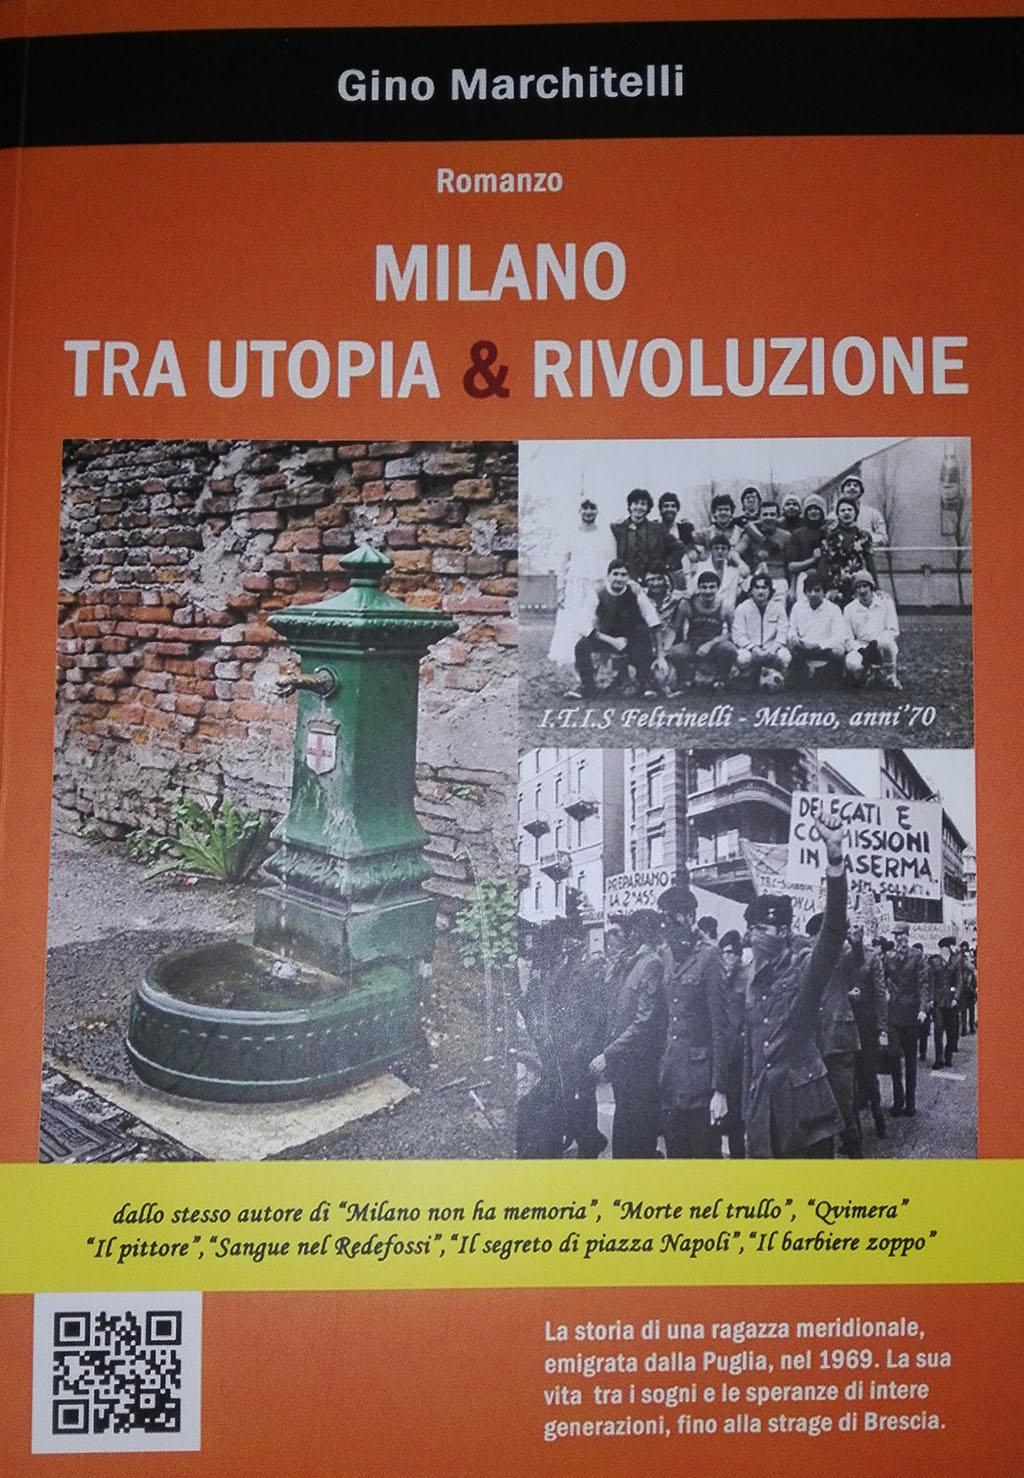 03721_milano_tra_utopia_rivoluzione